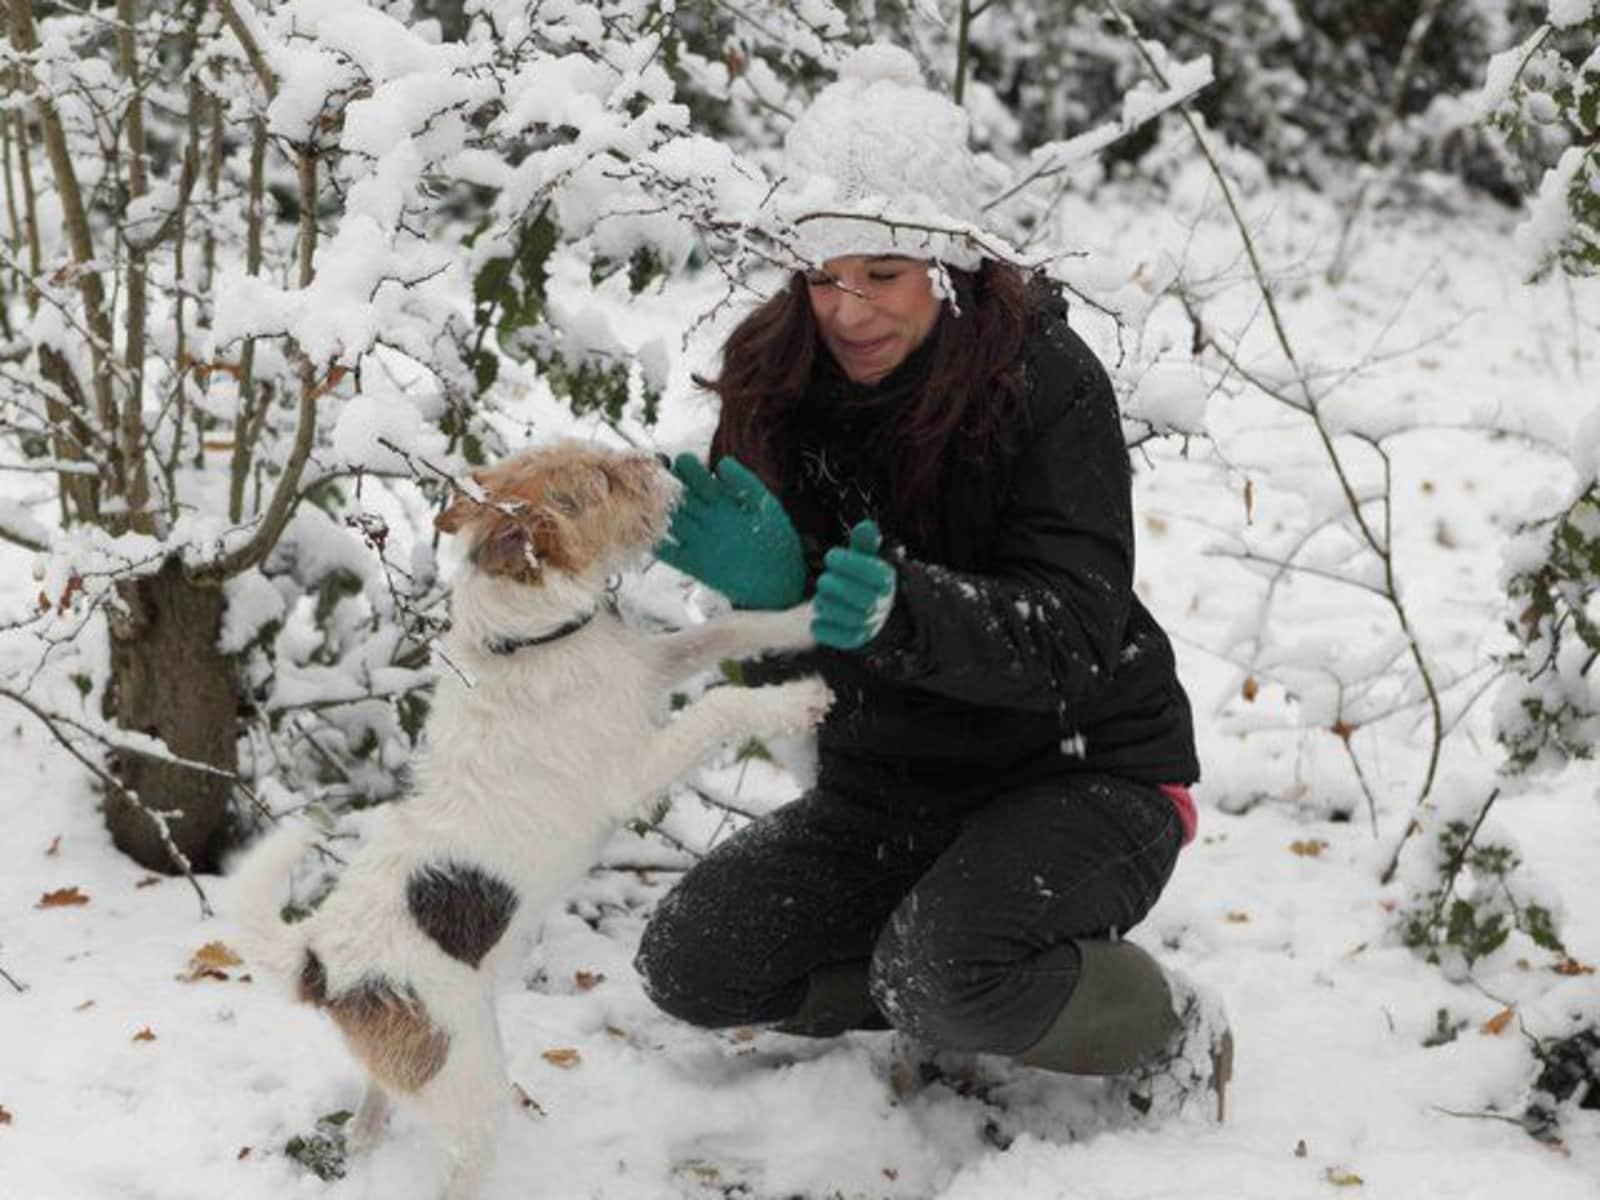 Martha from London, United Kingdom